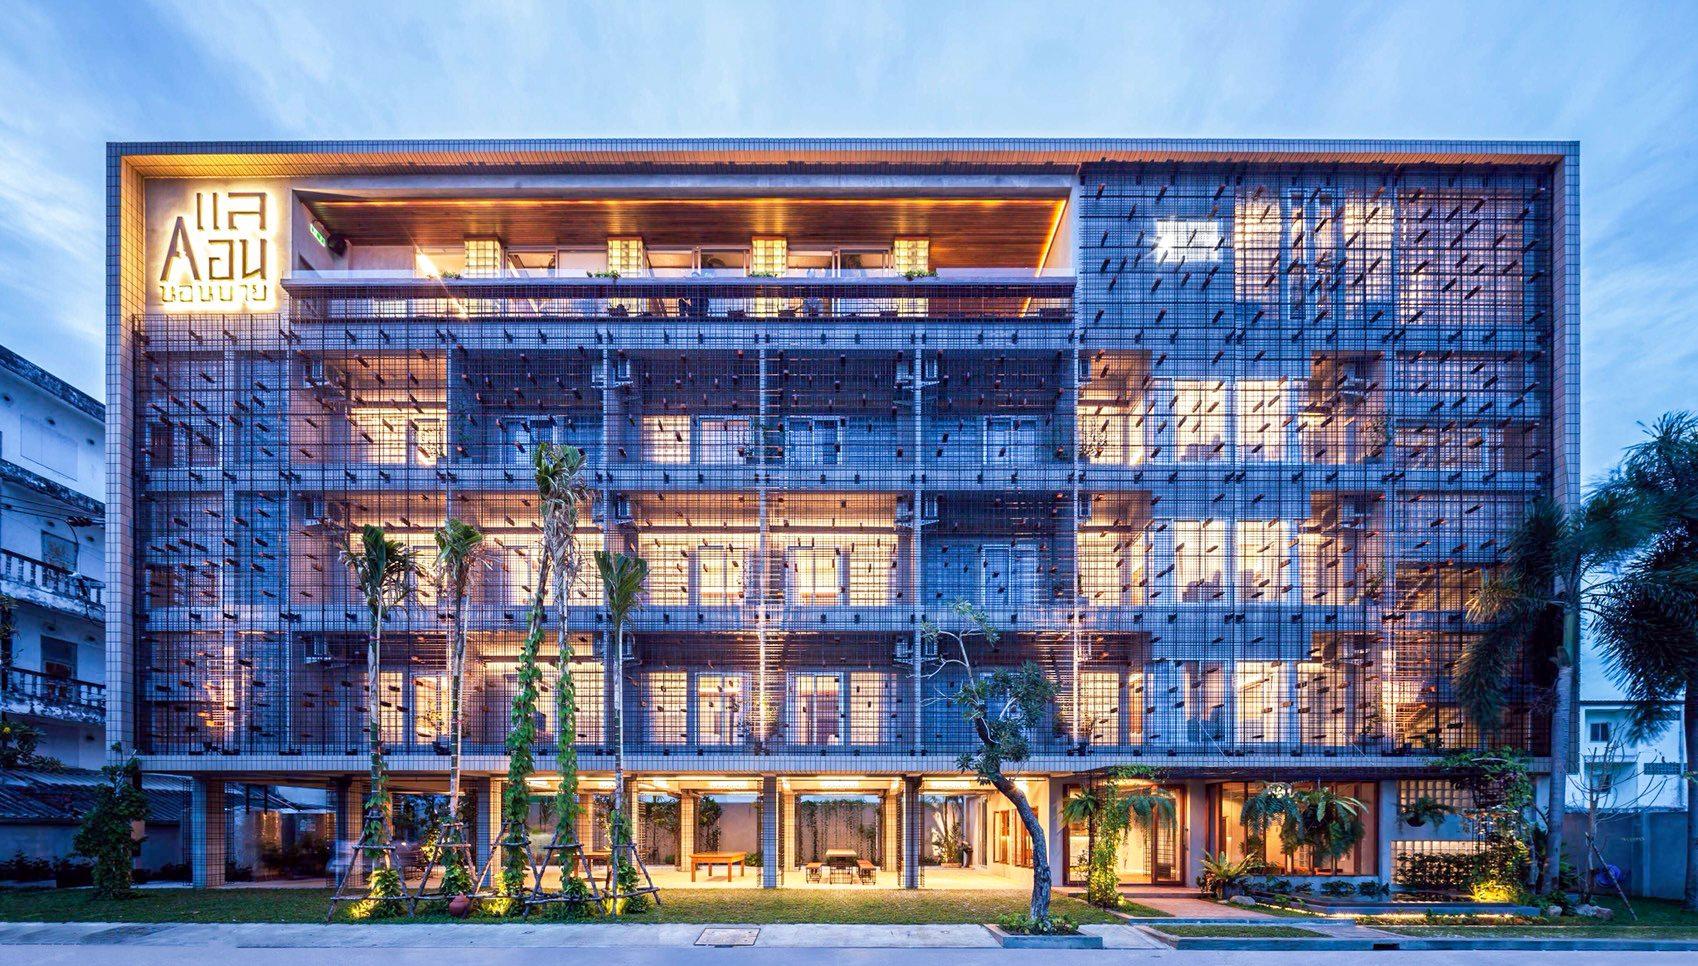 ถือว่าสุดยอด-Full-Architecture-จริง  สถาปัตยกรรมร่วมสมัย,อำเภอเมือง,นครศรีธรรมราช,rooftop,การออกแบบ,ที่พัก,โรงแรม